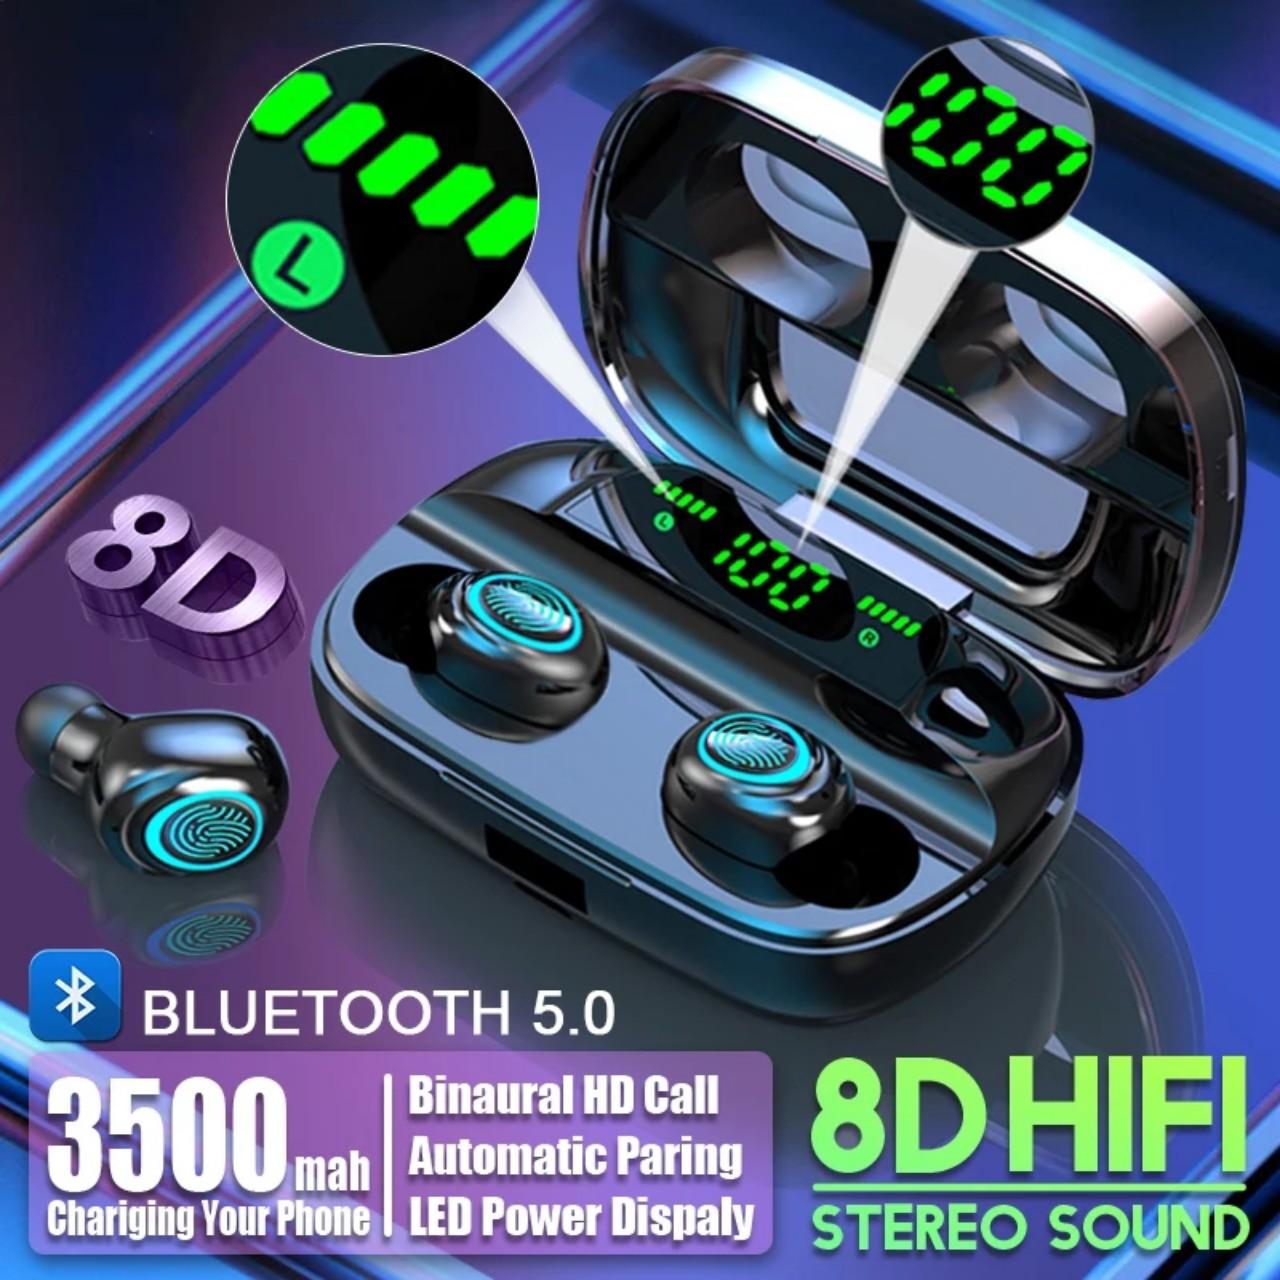 Tai nghe bluetooth 5.0 âm thanh nổi 8D phiên bán mới nhất M11